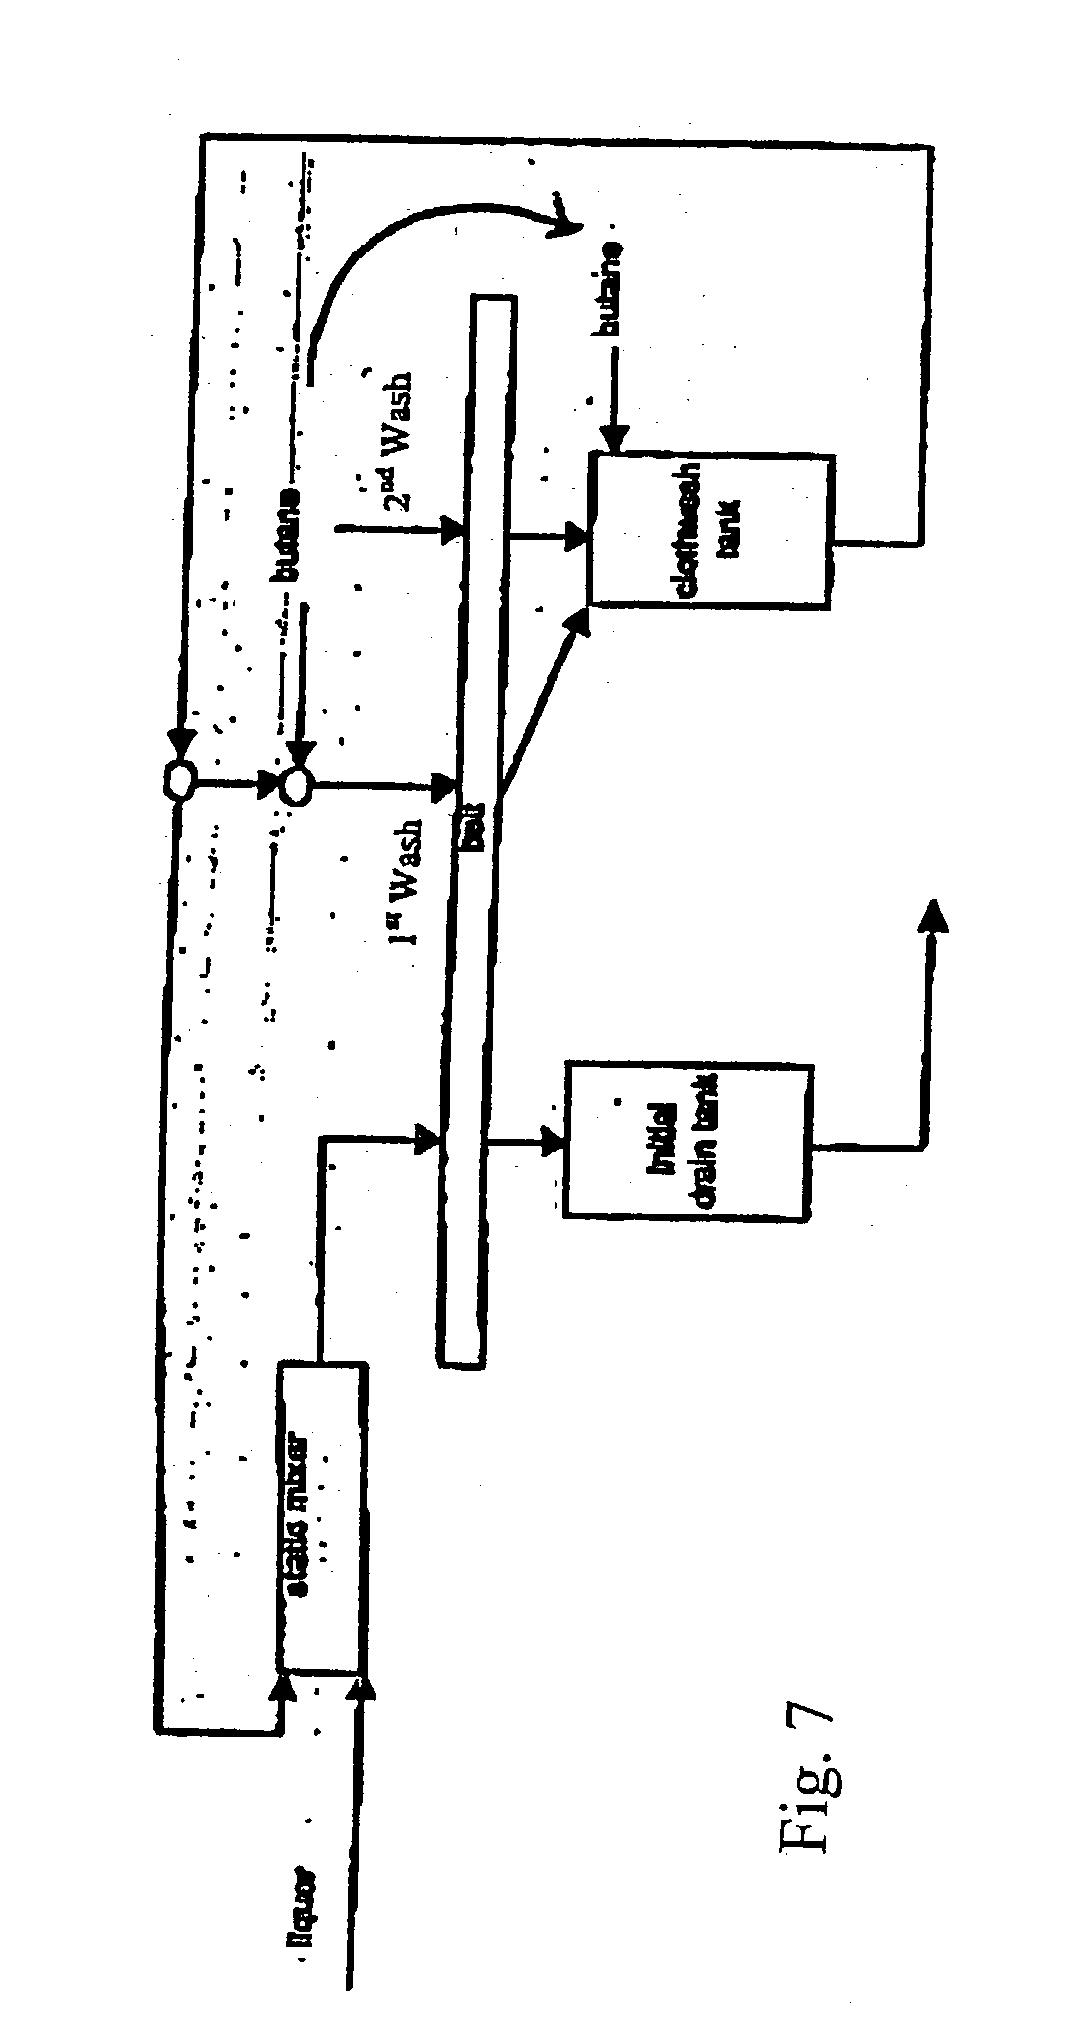 patent us20040071848